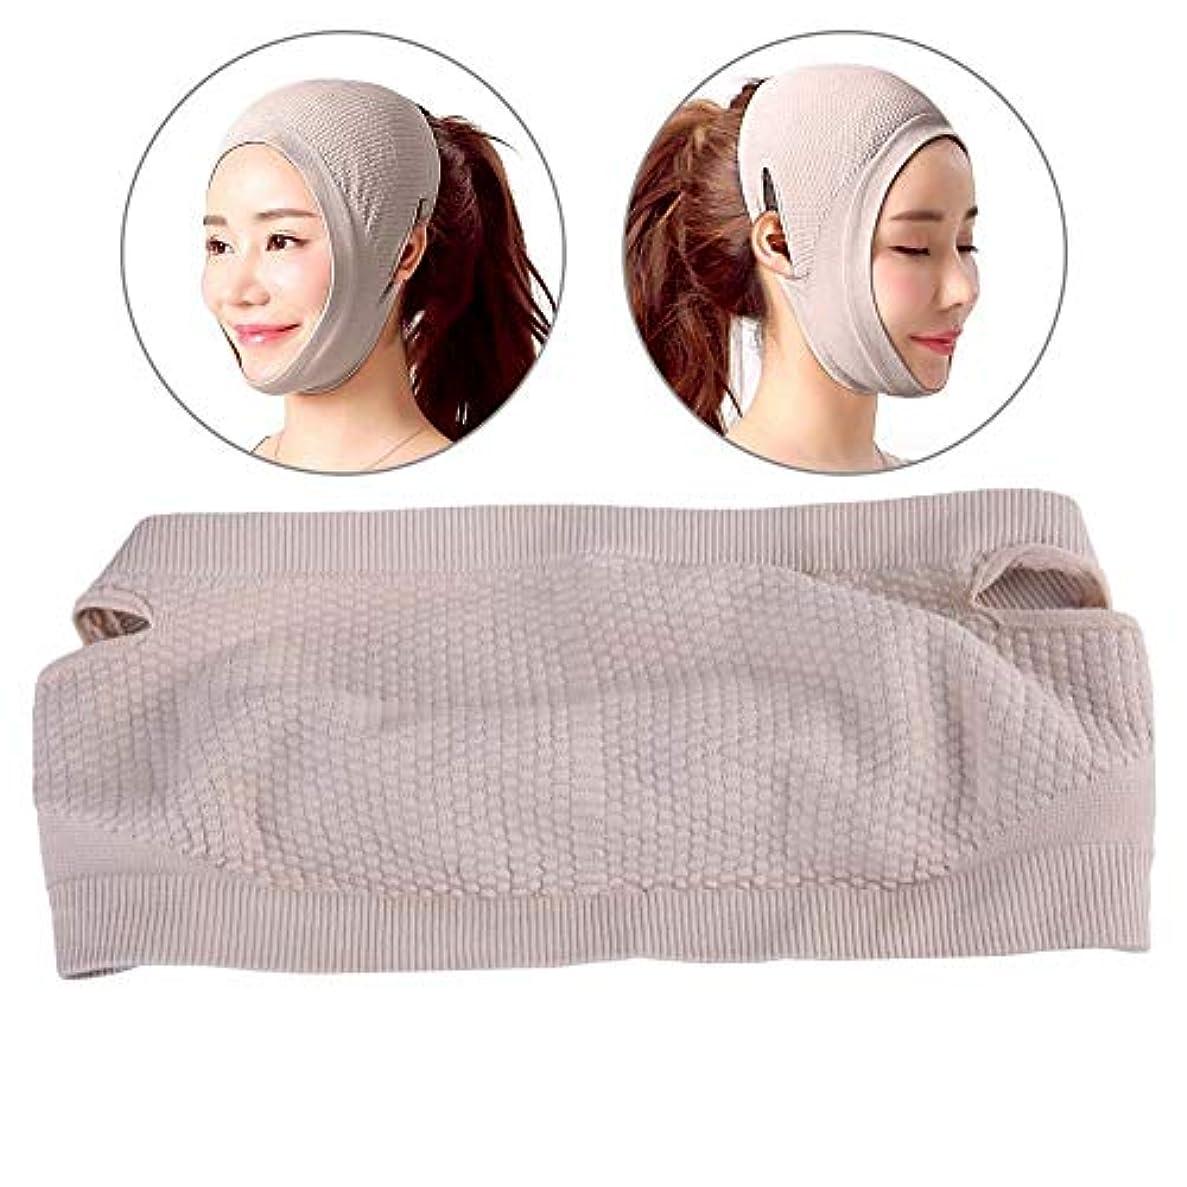 キャンディーレンダリング長椅子顔の輪郭を改善するVフェイス美容包帯 フェイシャルリフティングマスク、露出耳のデザイン/通気性/伸縮性/副作用なし